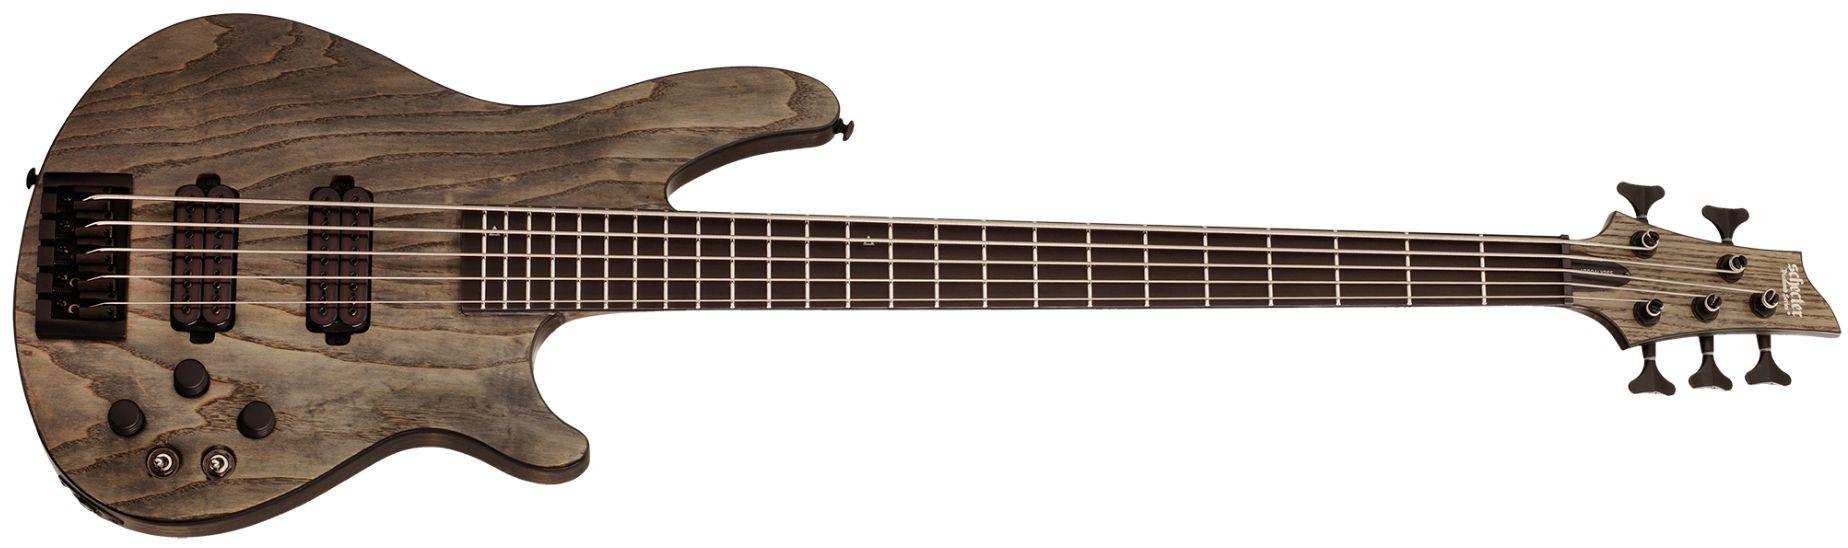 Schecter C5 Apocalypse Bass